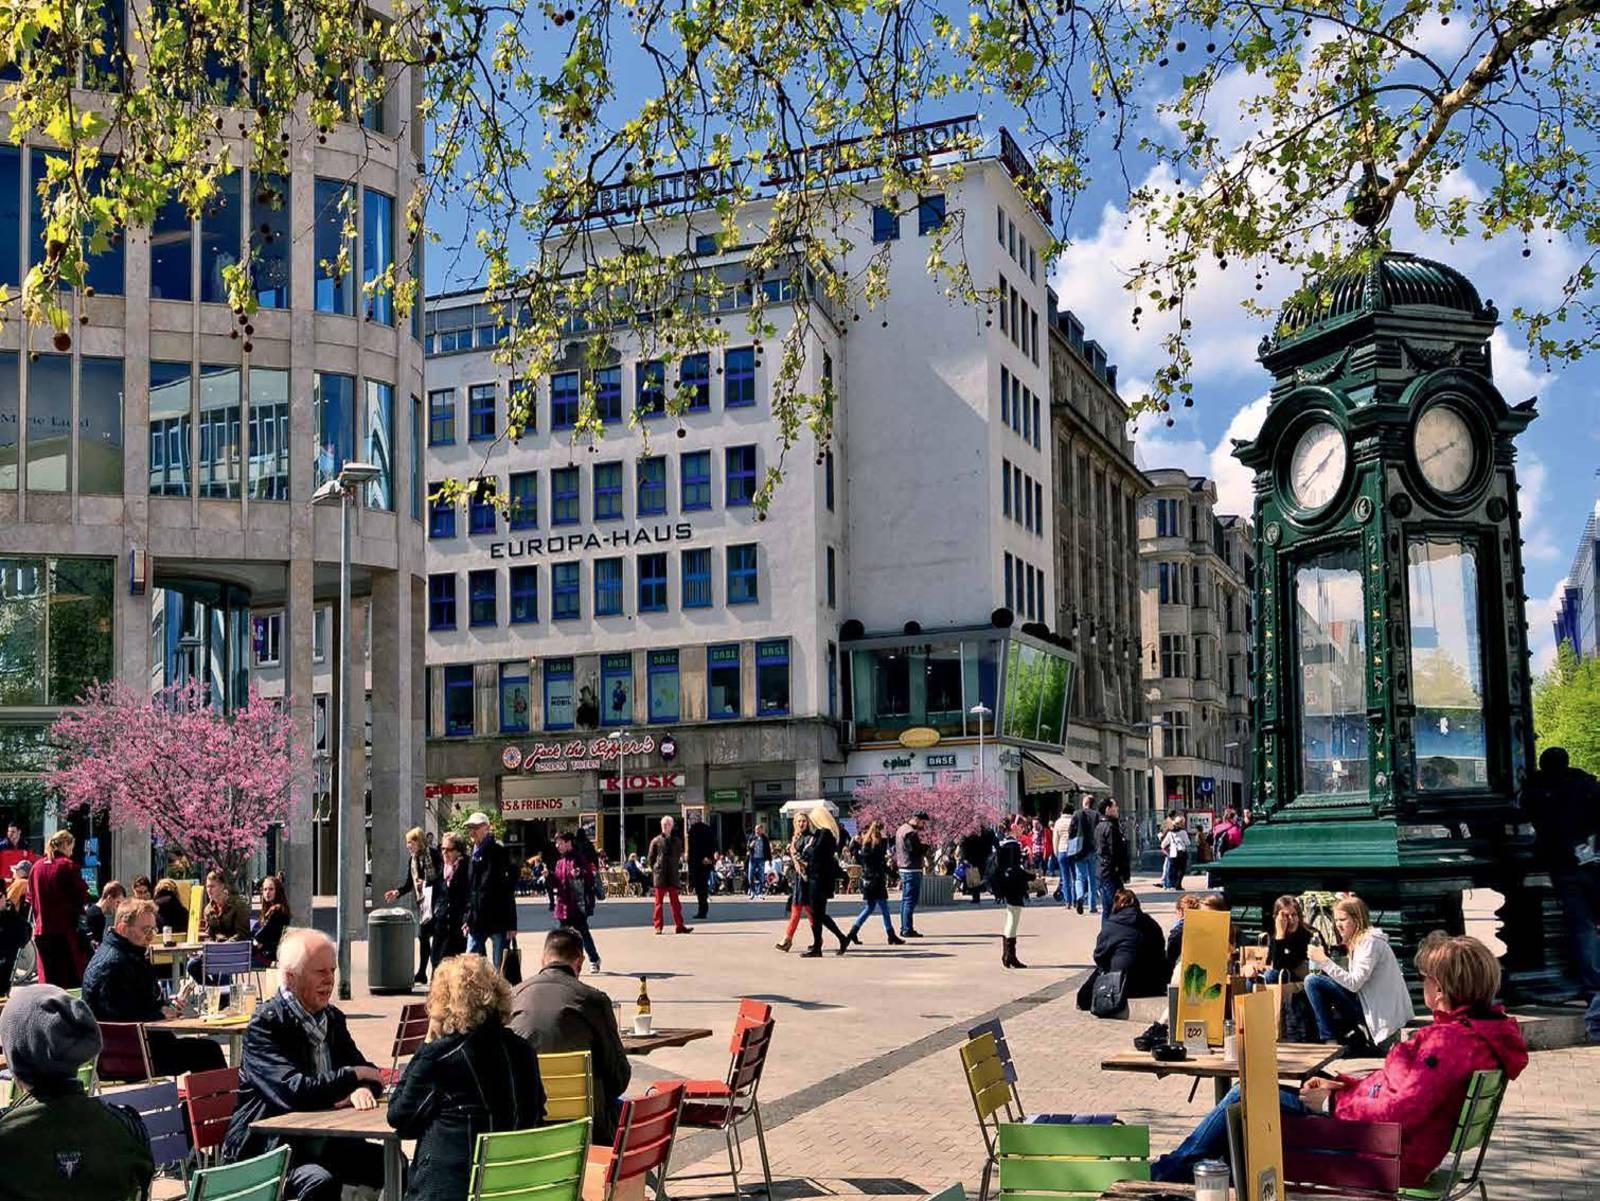 Platz in Hannovers Innenstadt. Er ist gut besucht. Menschen sitzen in einem Café. Es herrscht wuseliges Treiben.